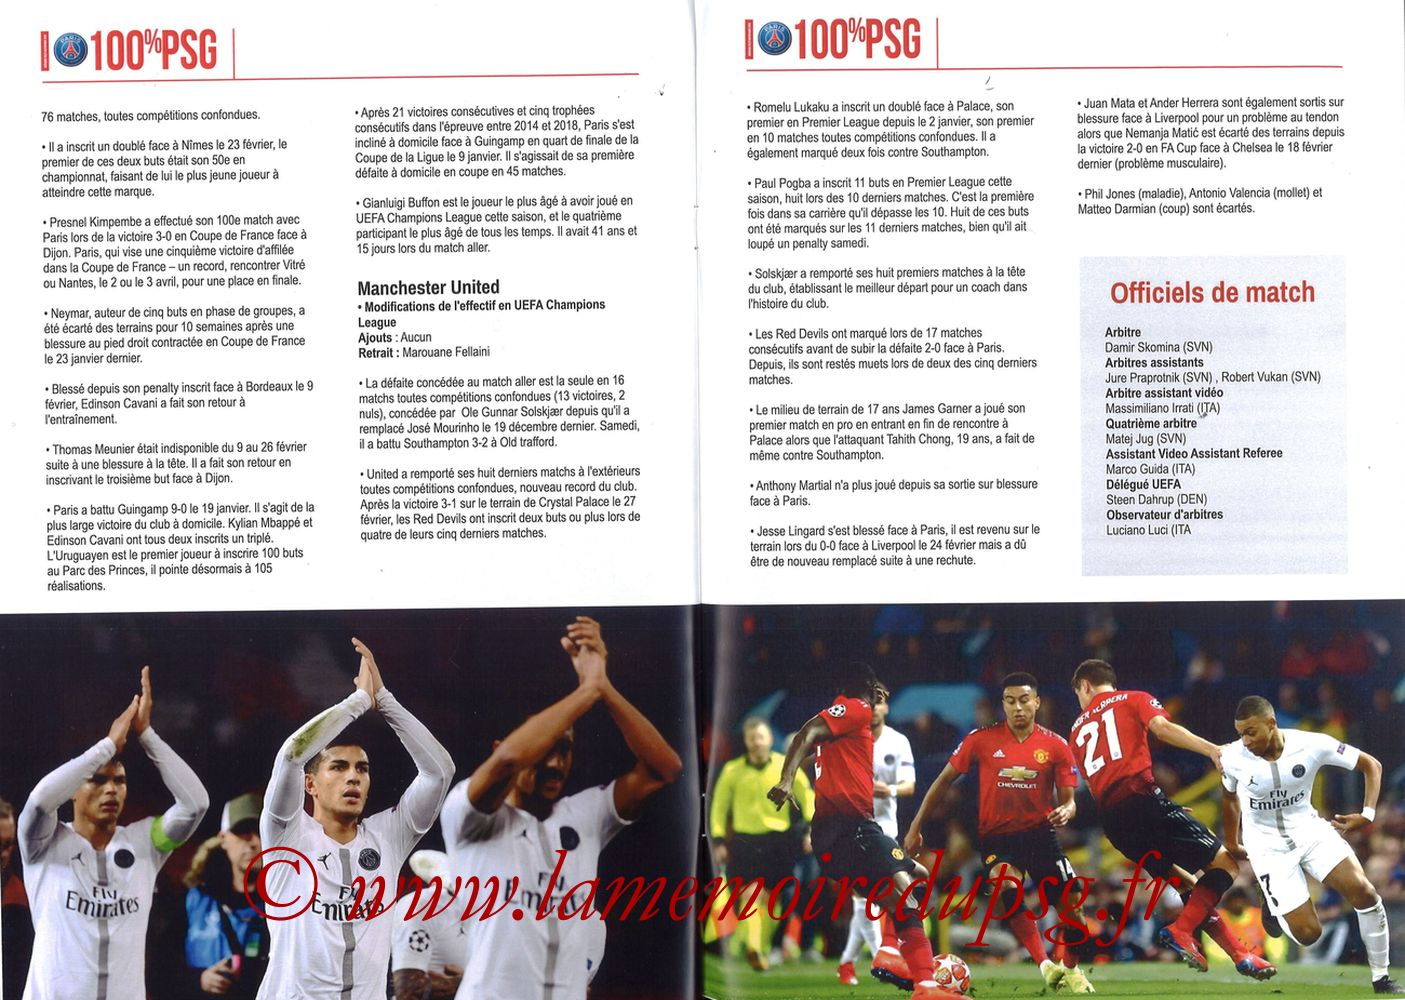 2019-03-06  PSG-Manchester United (8ème Retour C1, 100% PSG N° 181) - Pages 10 et 11